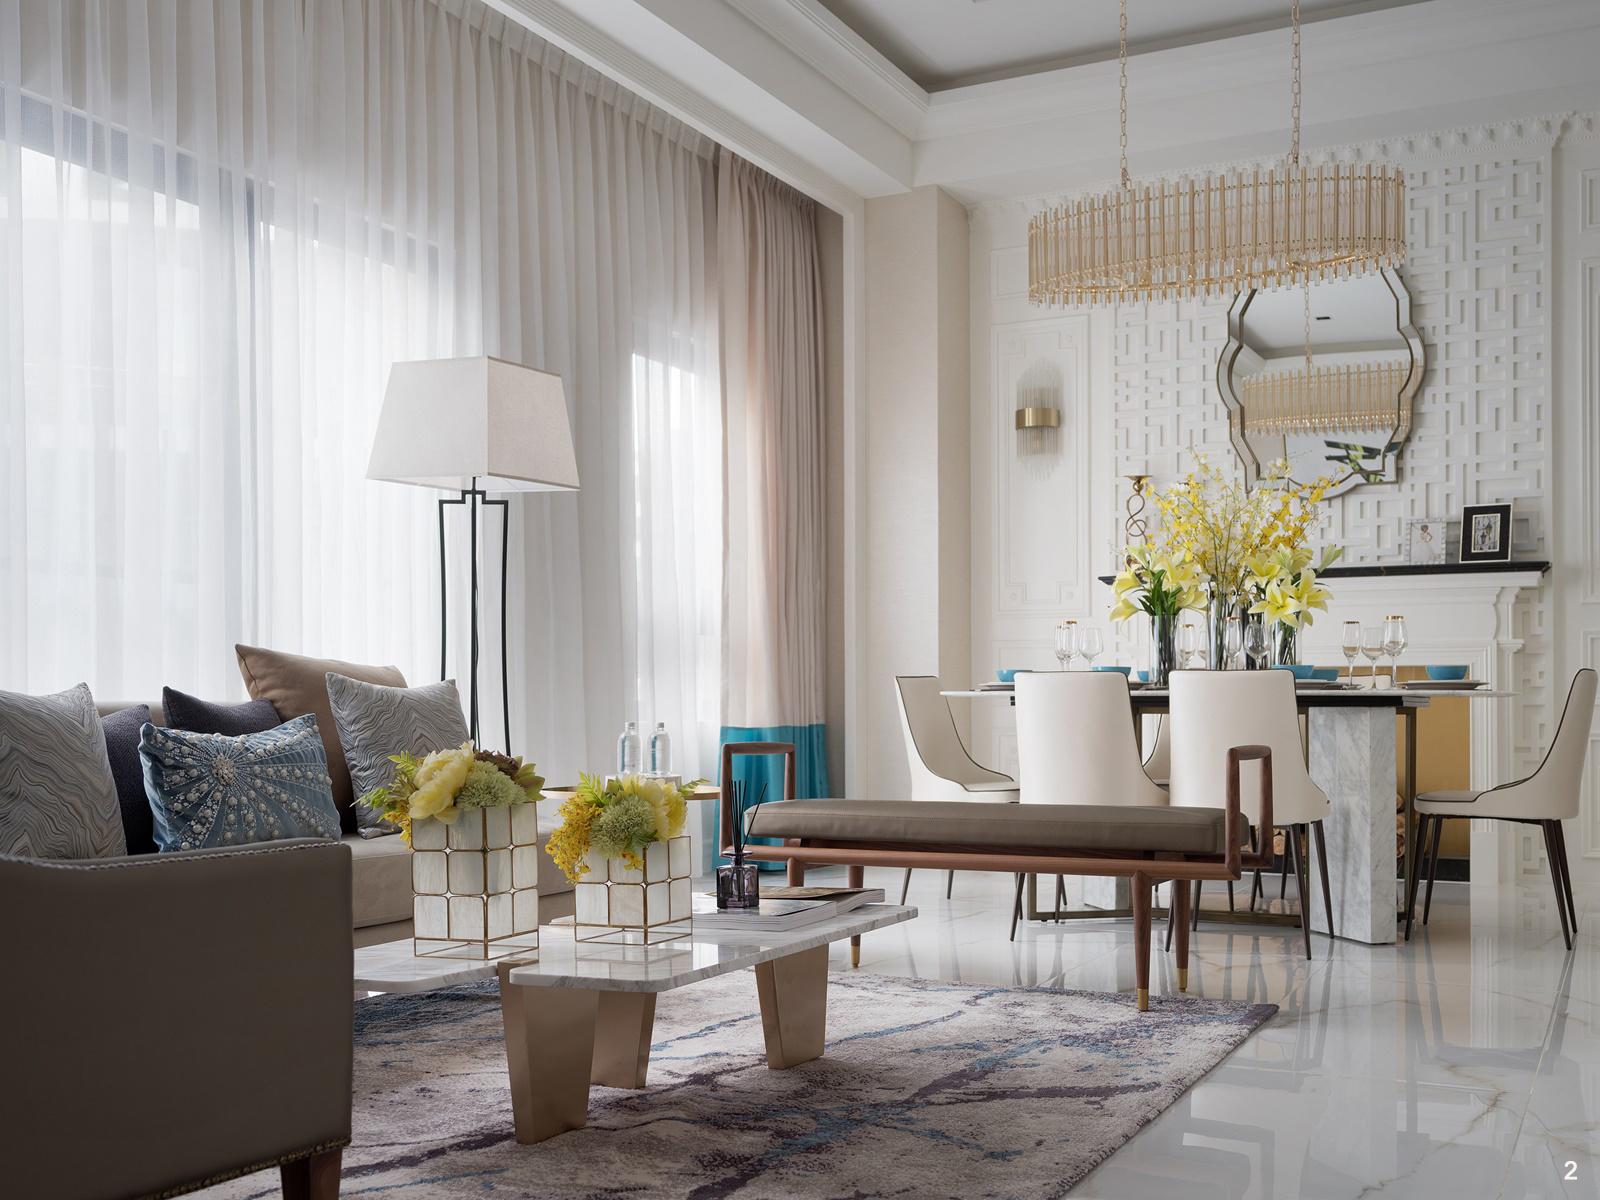 2. 新古典風格居家以明亮簡潔的線條感,對稱安排的精緻度,絕美呈現。